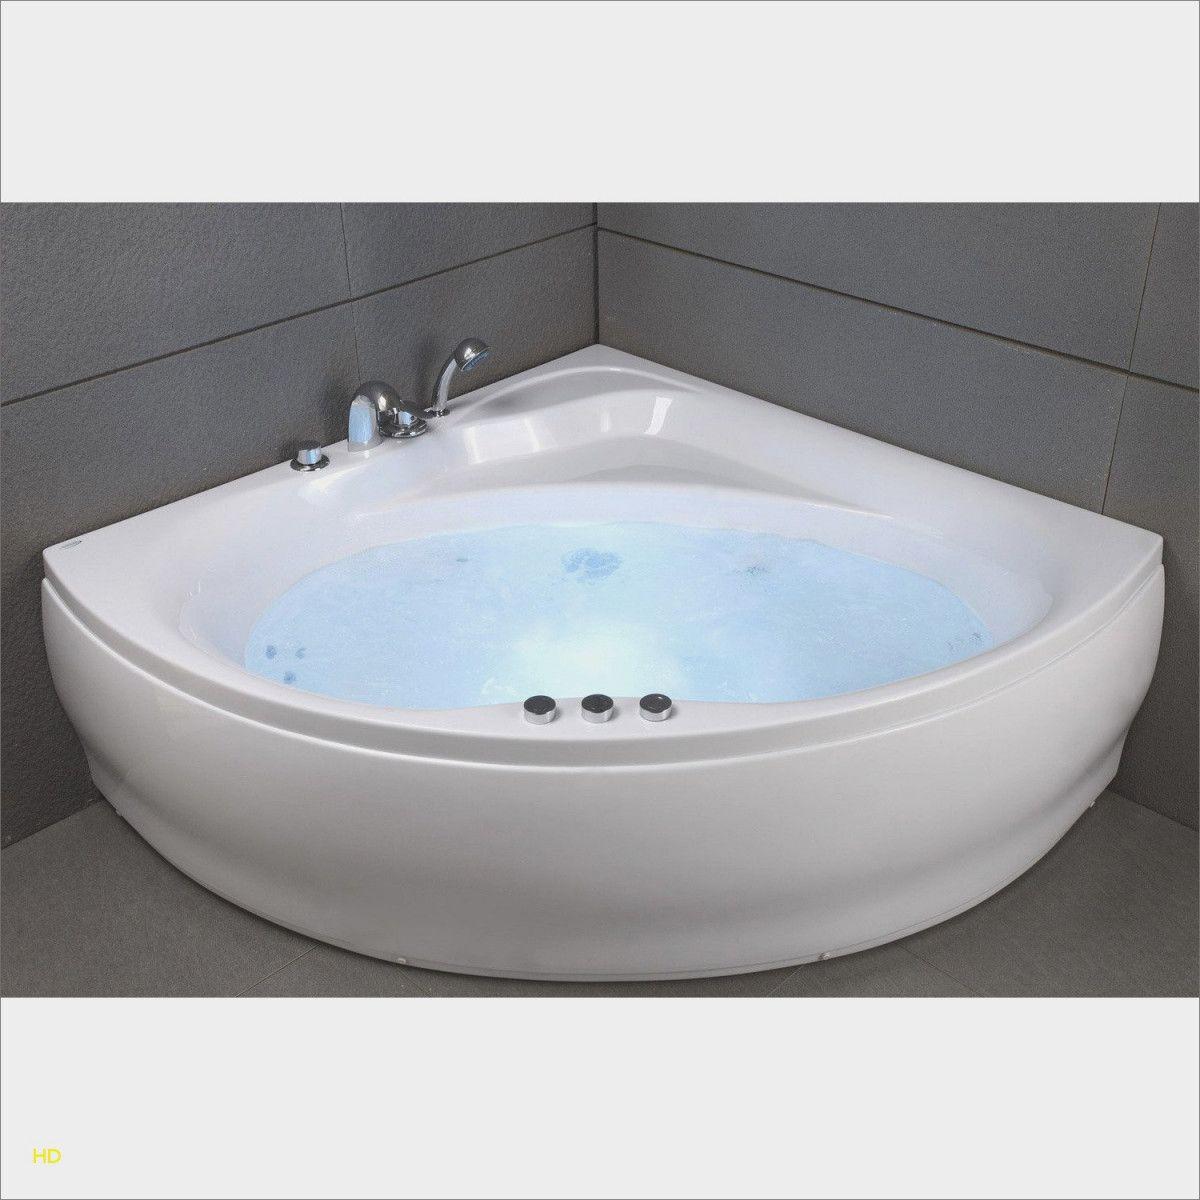 Pieces Detachees Baignoire Balneo Kinedo Vous Voudrez Voler Corner Bathtub Bathtub Bath